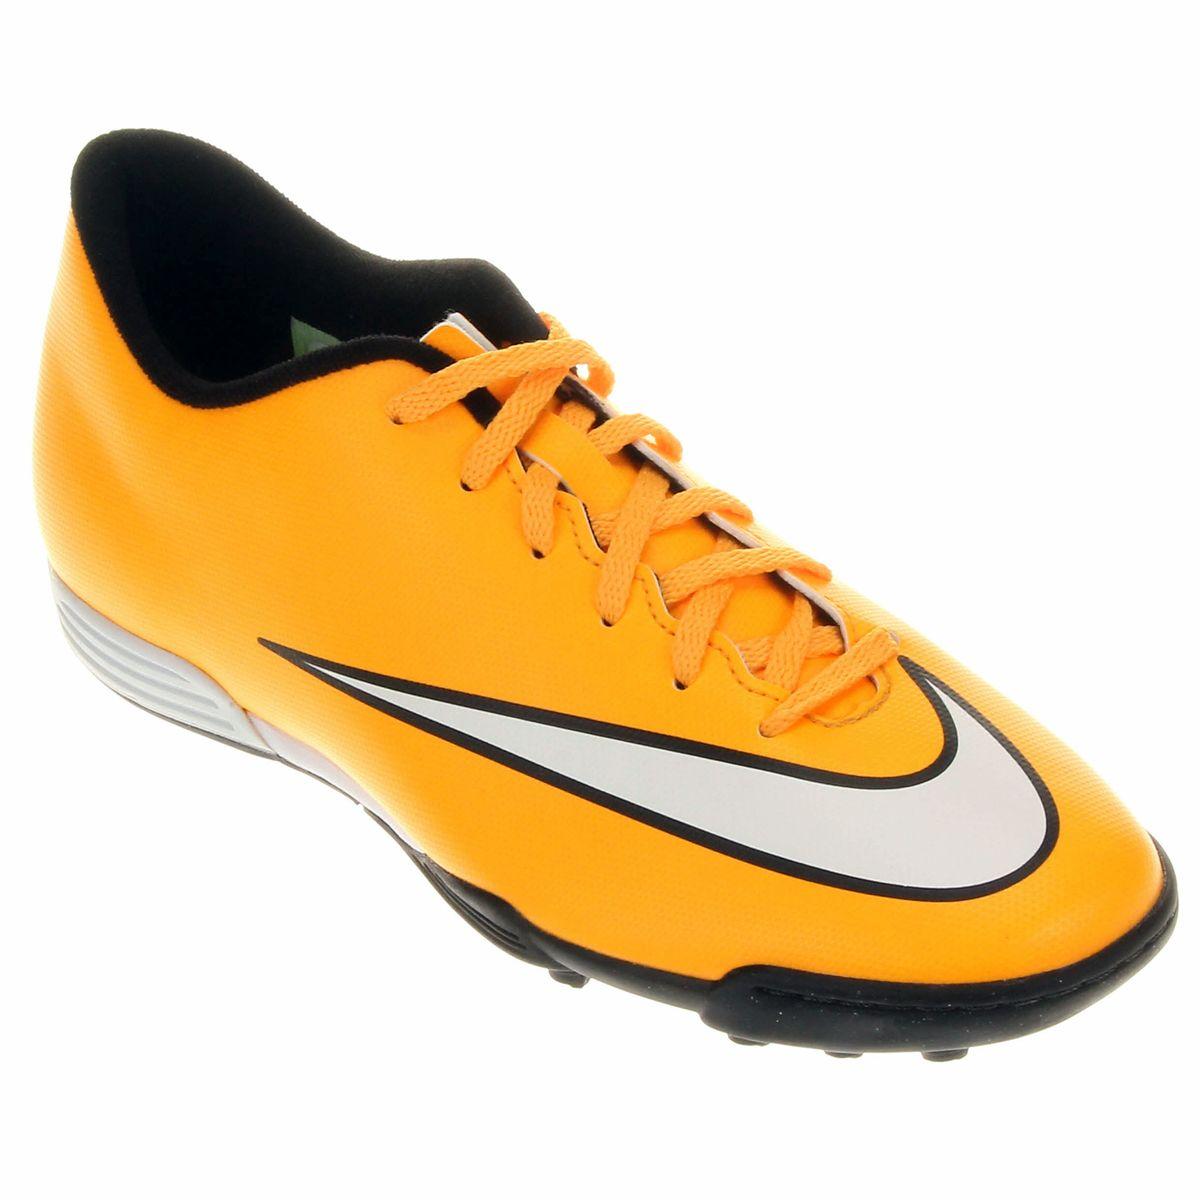 promo code 84697 69f8b Mostre toda a sua habilidade com a Chuteira Nike Mercurial Vortex II TF e  seja imbatível. Ganhe velocidade para driblar e surpreenda os adversários  com ...